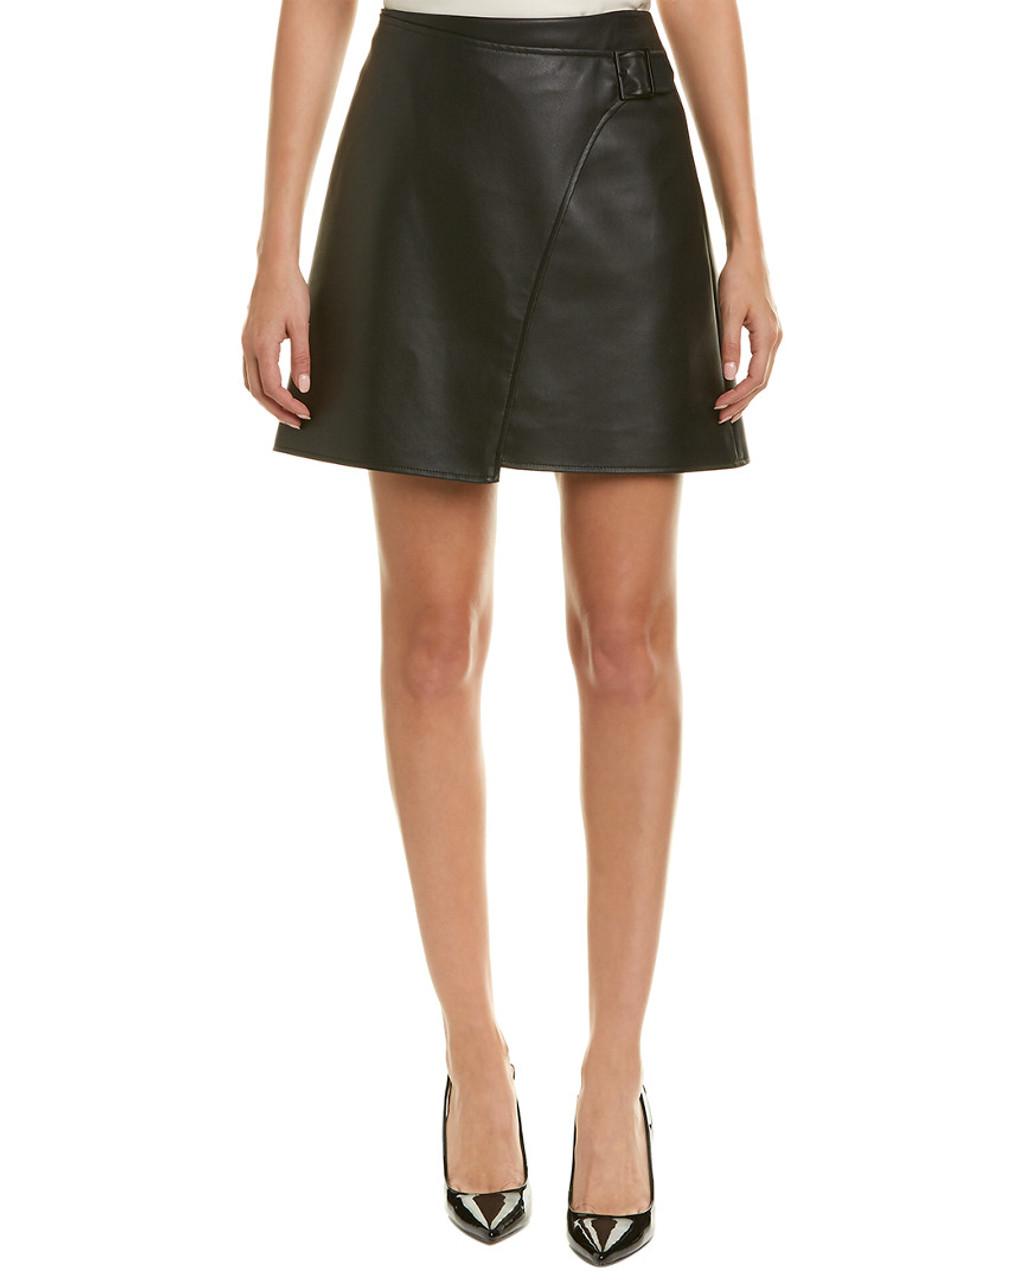 8a6b85f7d3 Karen Millen A-Line Skirt~1411419624 - Bon-Ton